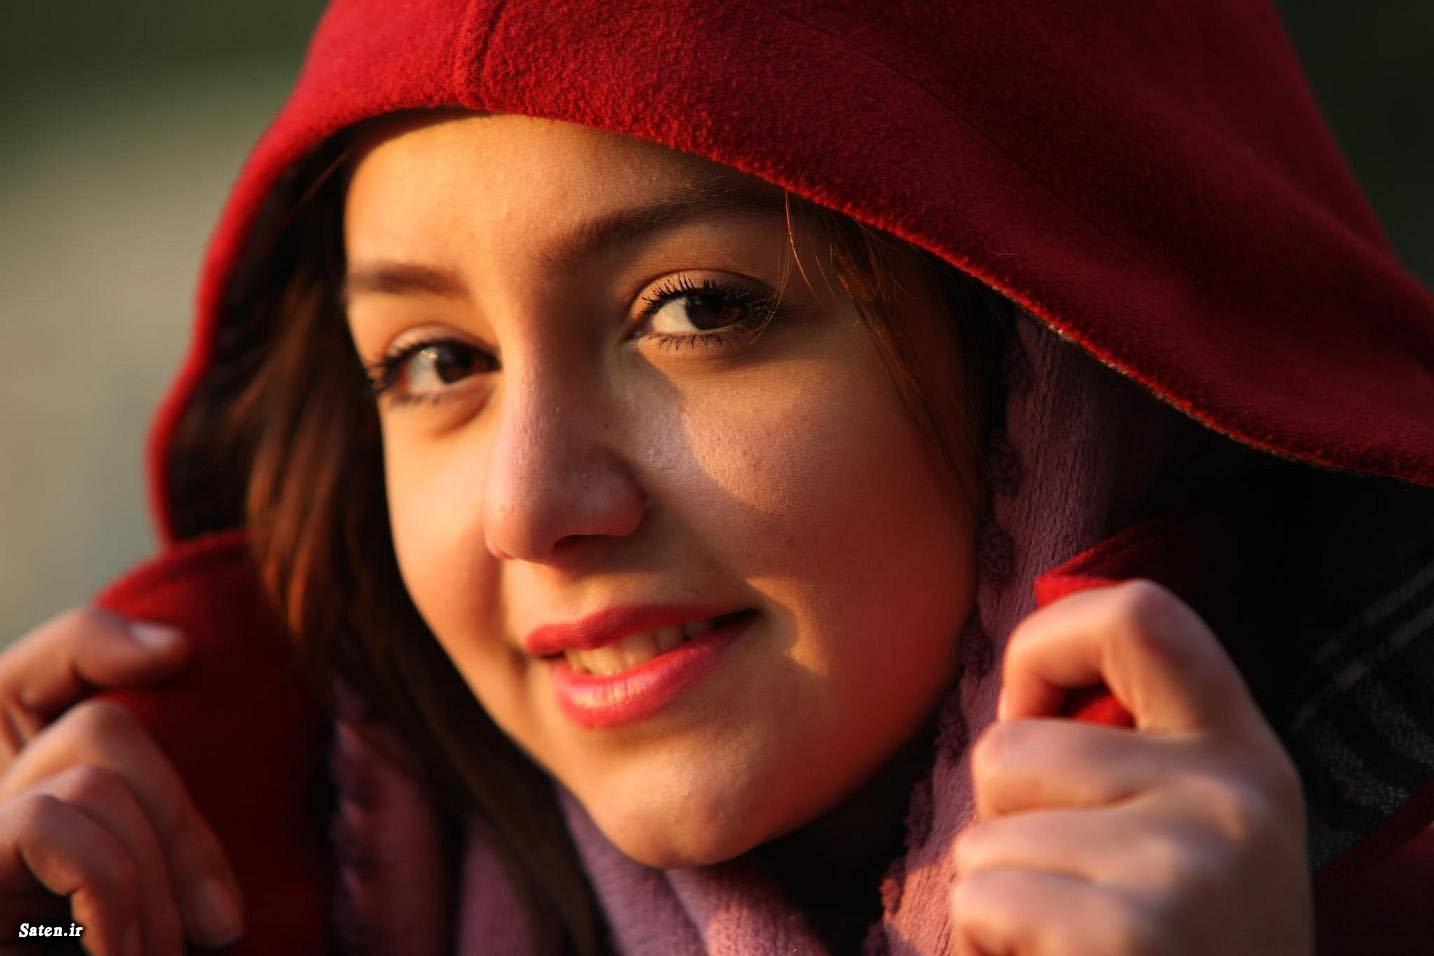 بیوگرافی فرشته اکبرزاده | ساتور